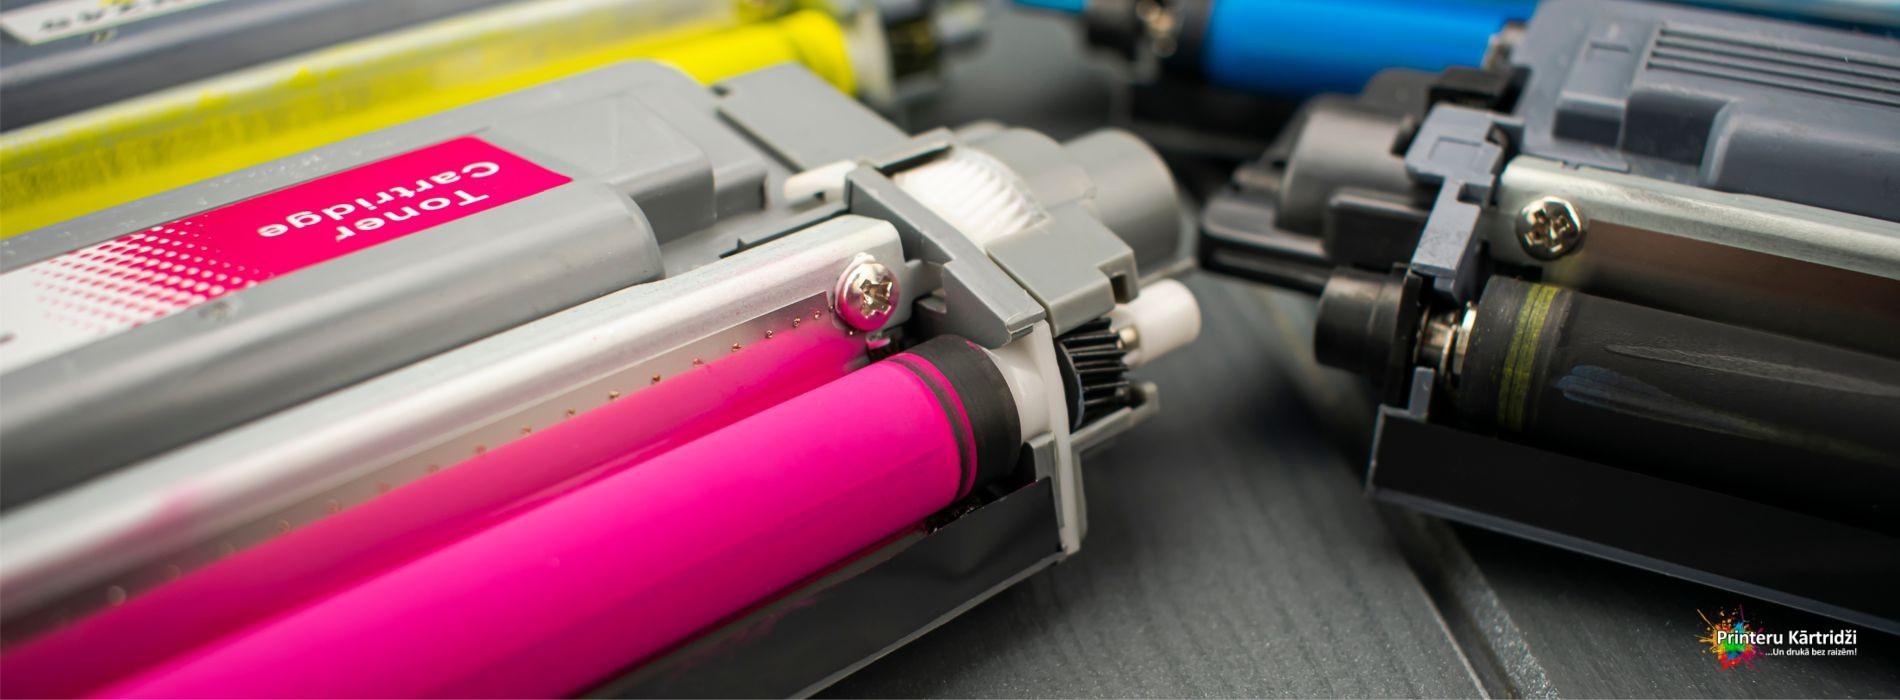 Augstas kvalitātes printeru kārtridži